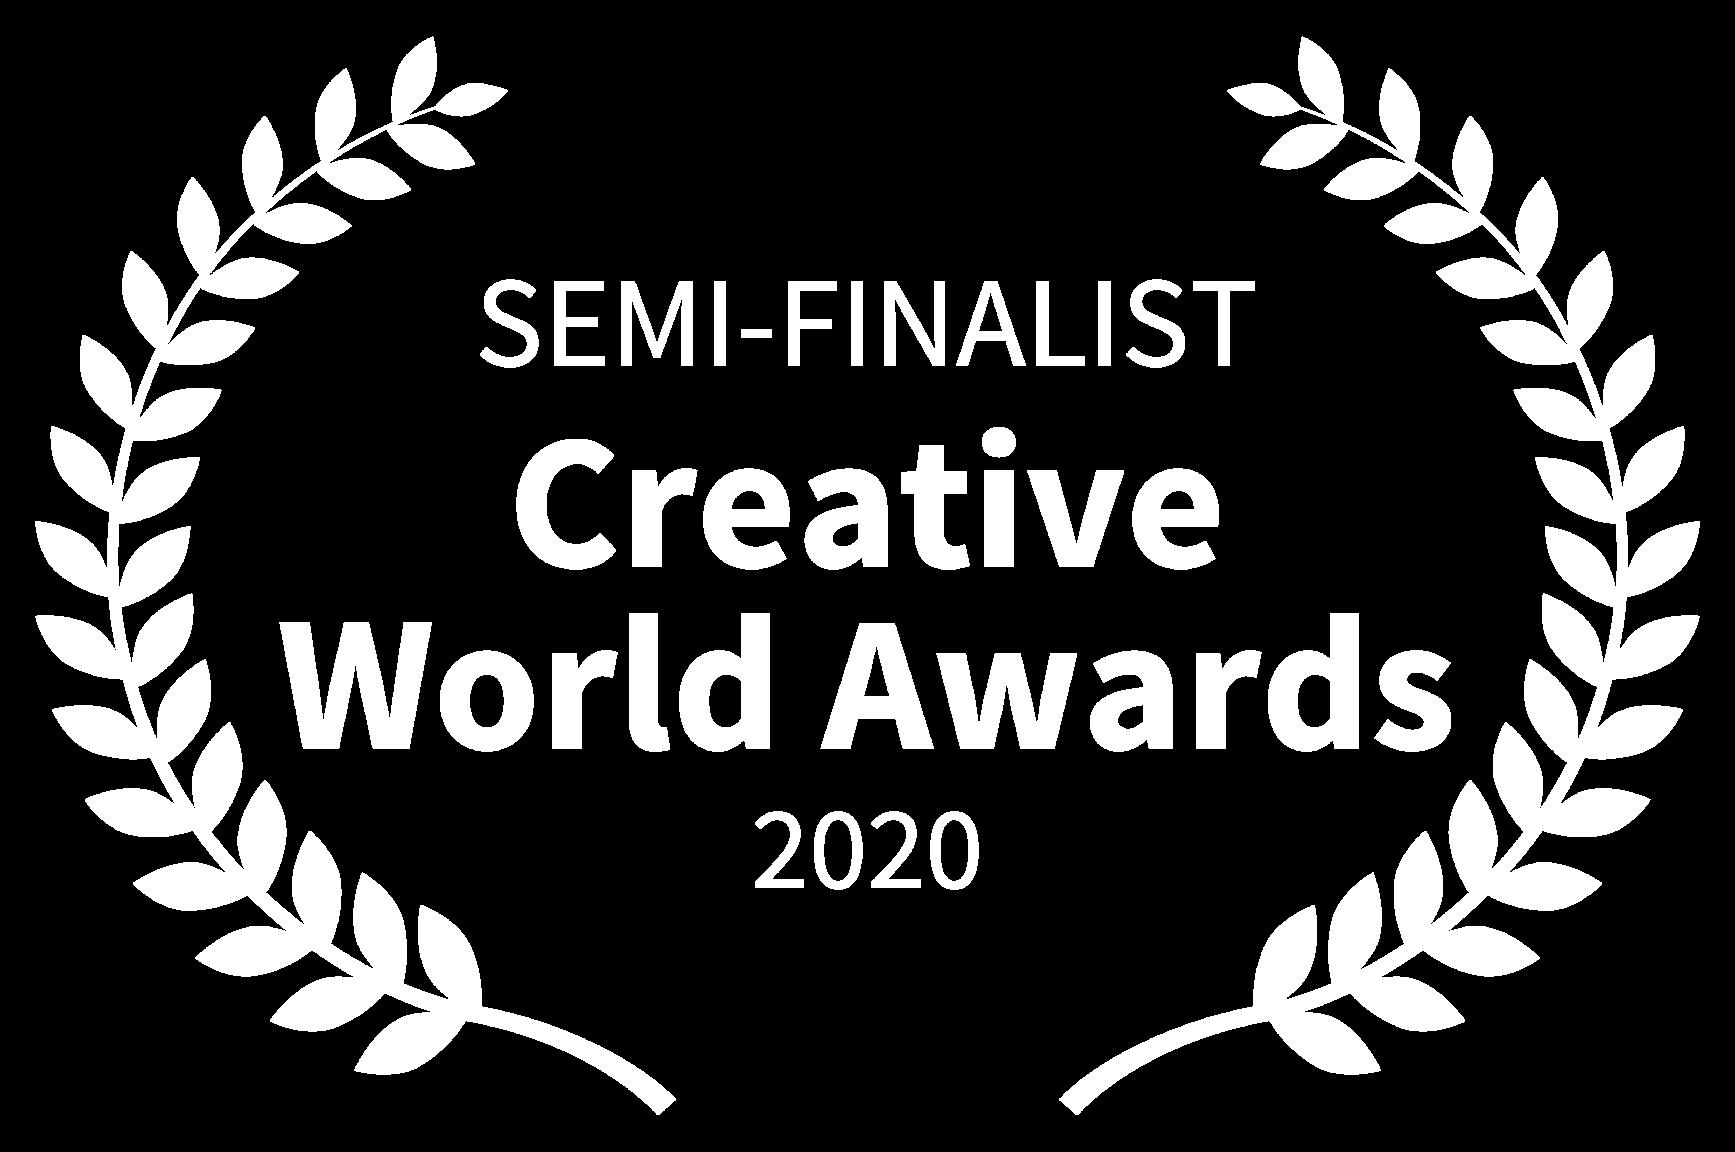 SEMI-FINALIST - Creative World Awards - 2020